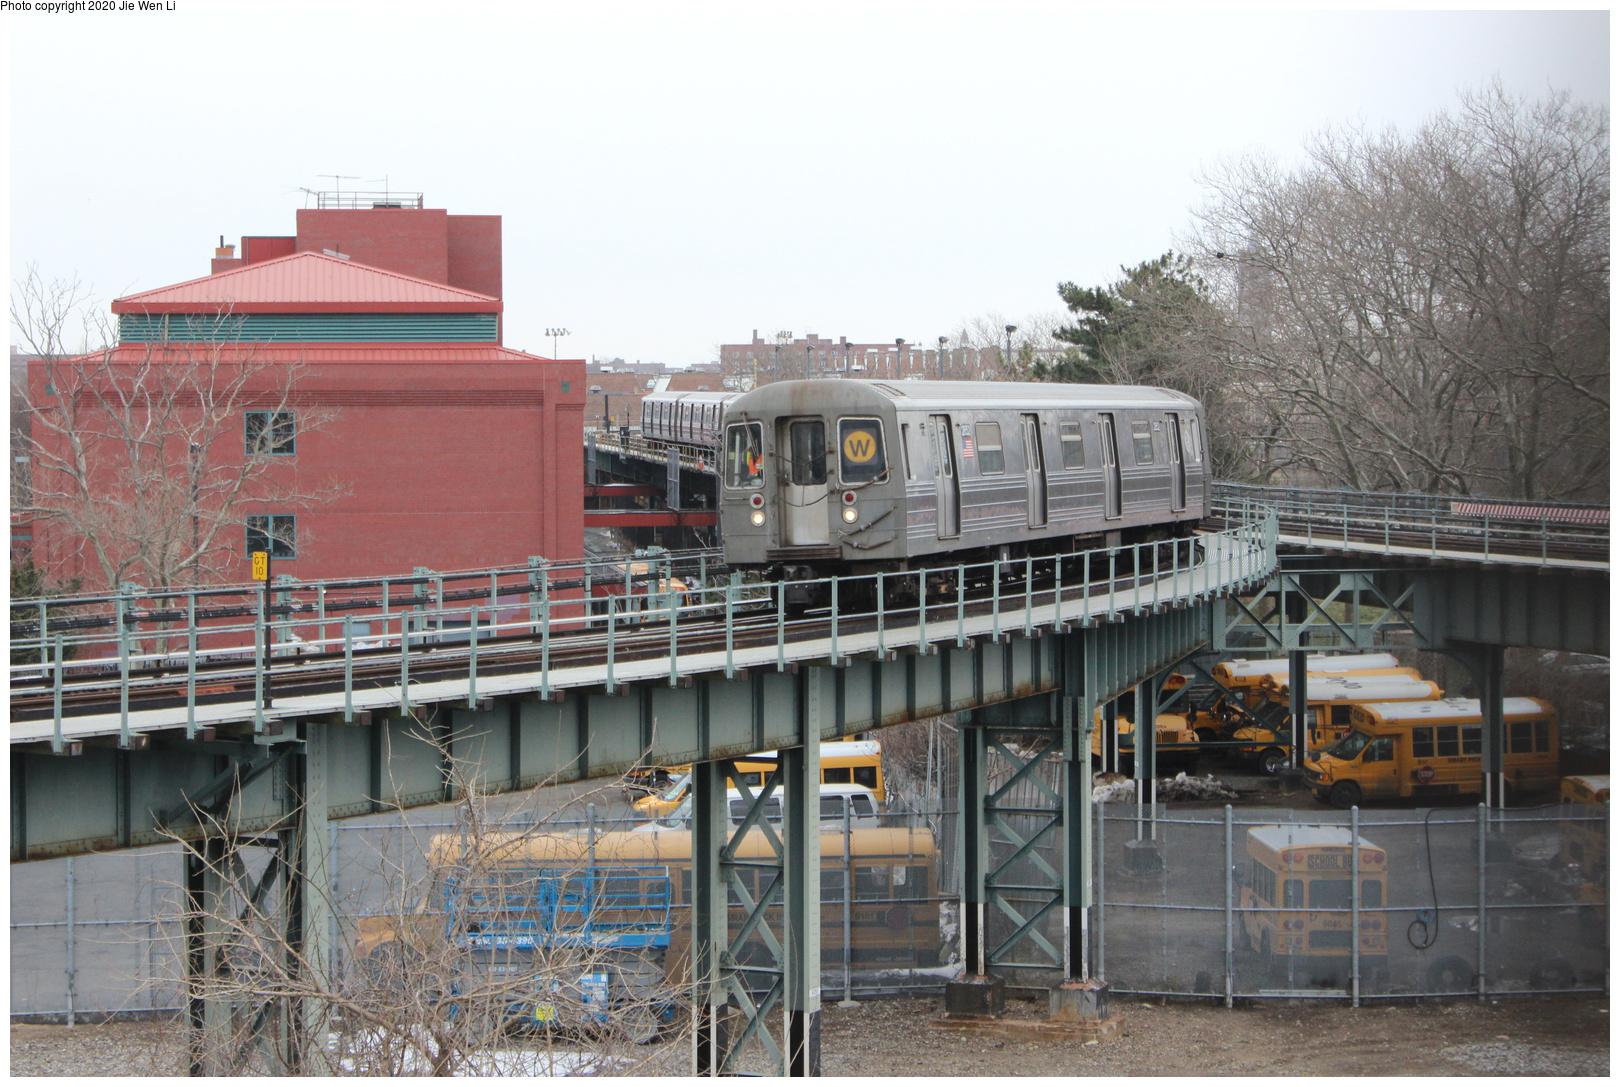 (220k, 1044x691)<br><b>Country:</b> United States<br><b>City:</b> New York<br><b>System:</b> New York City Transit<br><b>Line:</b> IRT White Plains Road Line<br><b>Location:</b> East 180th Street <br><b>Car:</b> Manhattan El  <br><b>Photo by:</b> Joel Shanus<br><b>Viewed (this week/total):</b> 4 / 3614